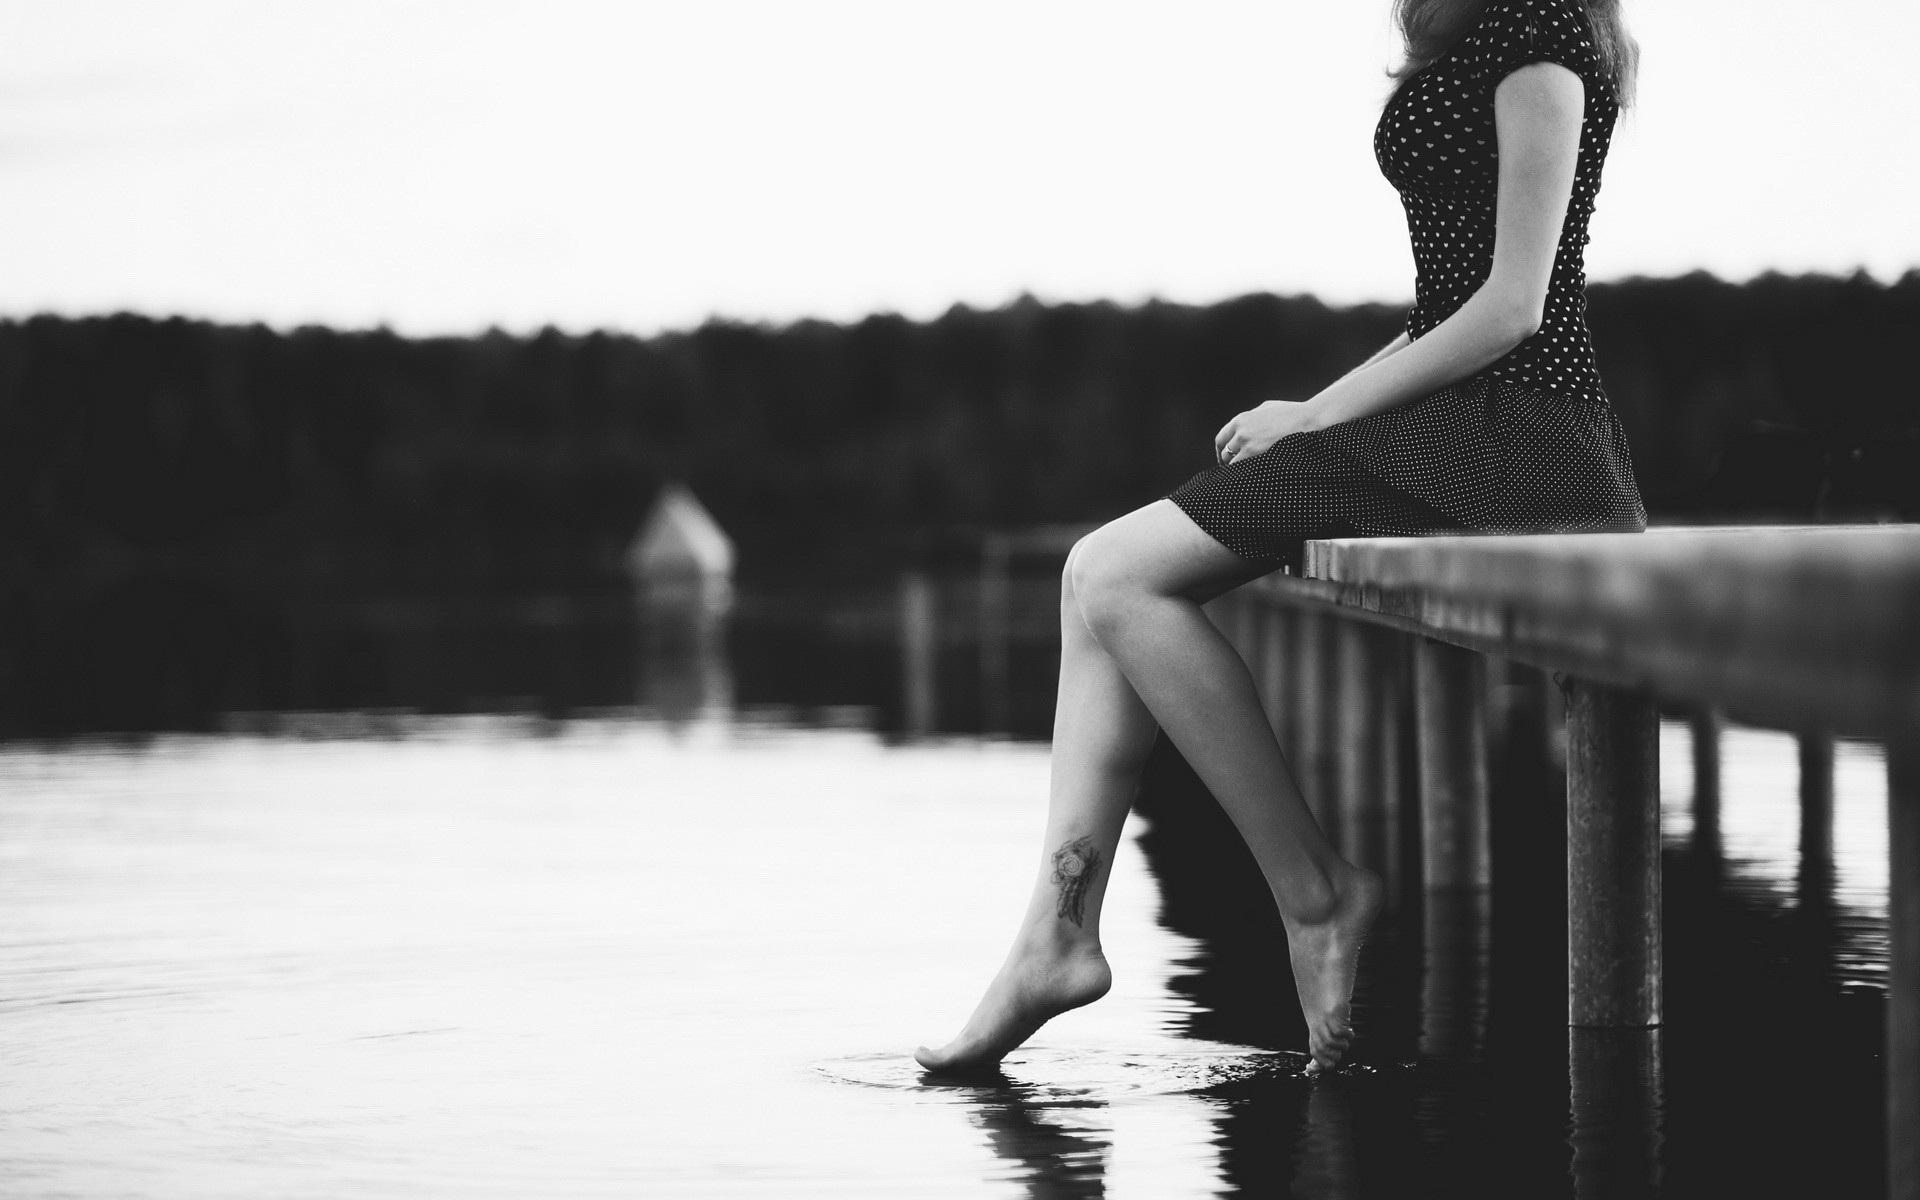 Pernah diduakan, Laila trauma & sulit percaya lagi kepada kekasihnya